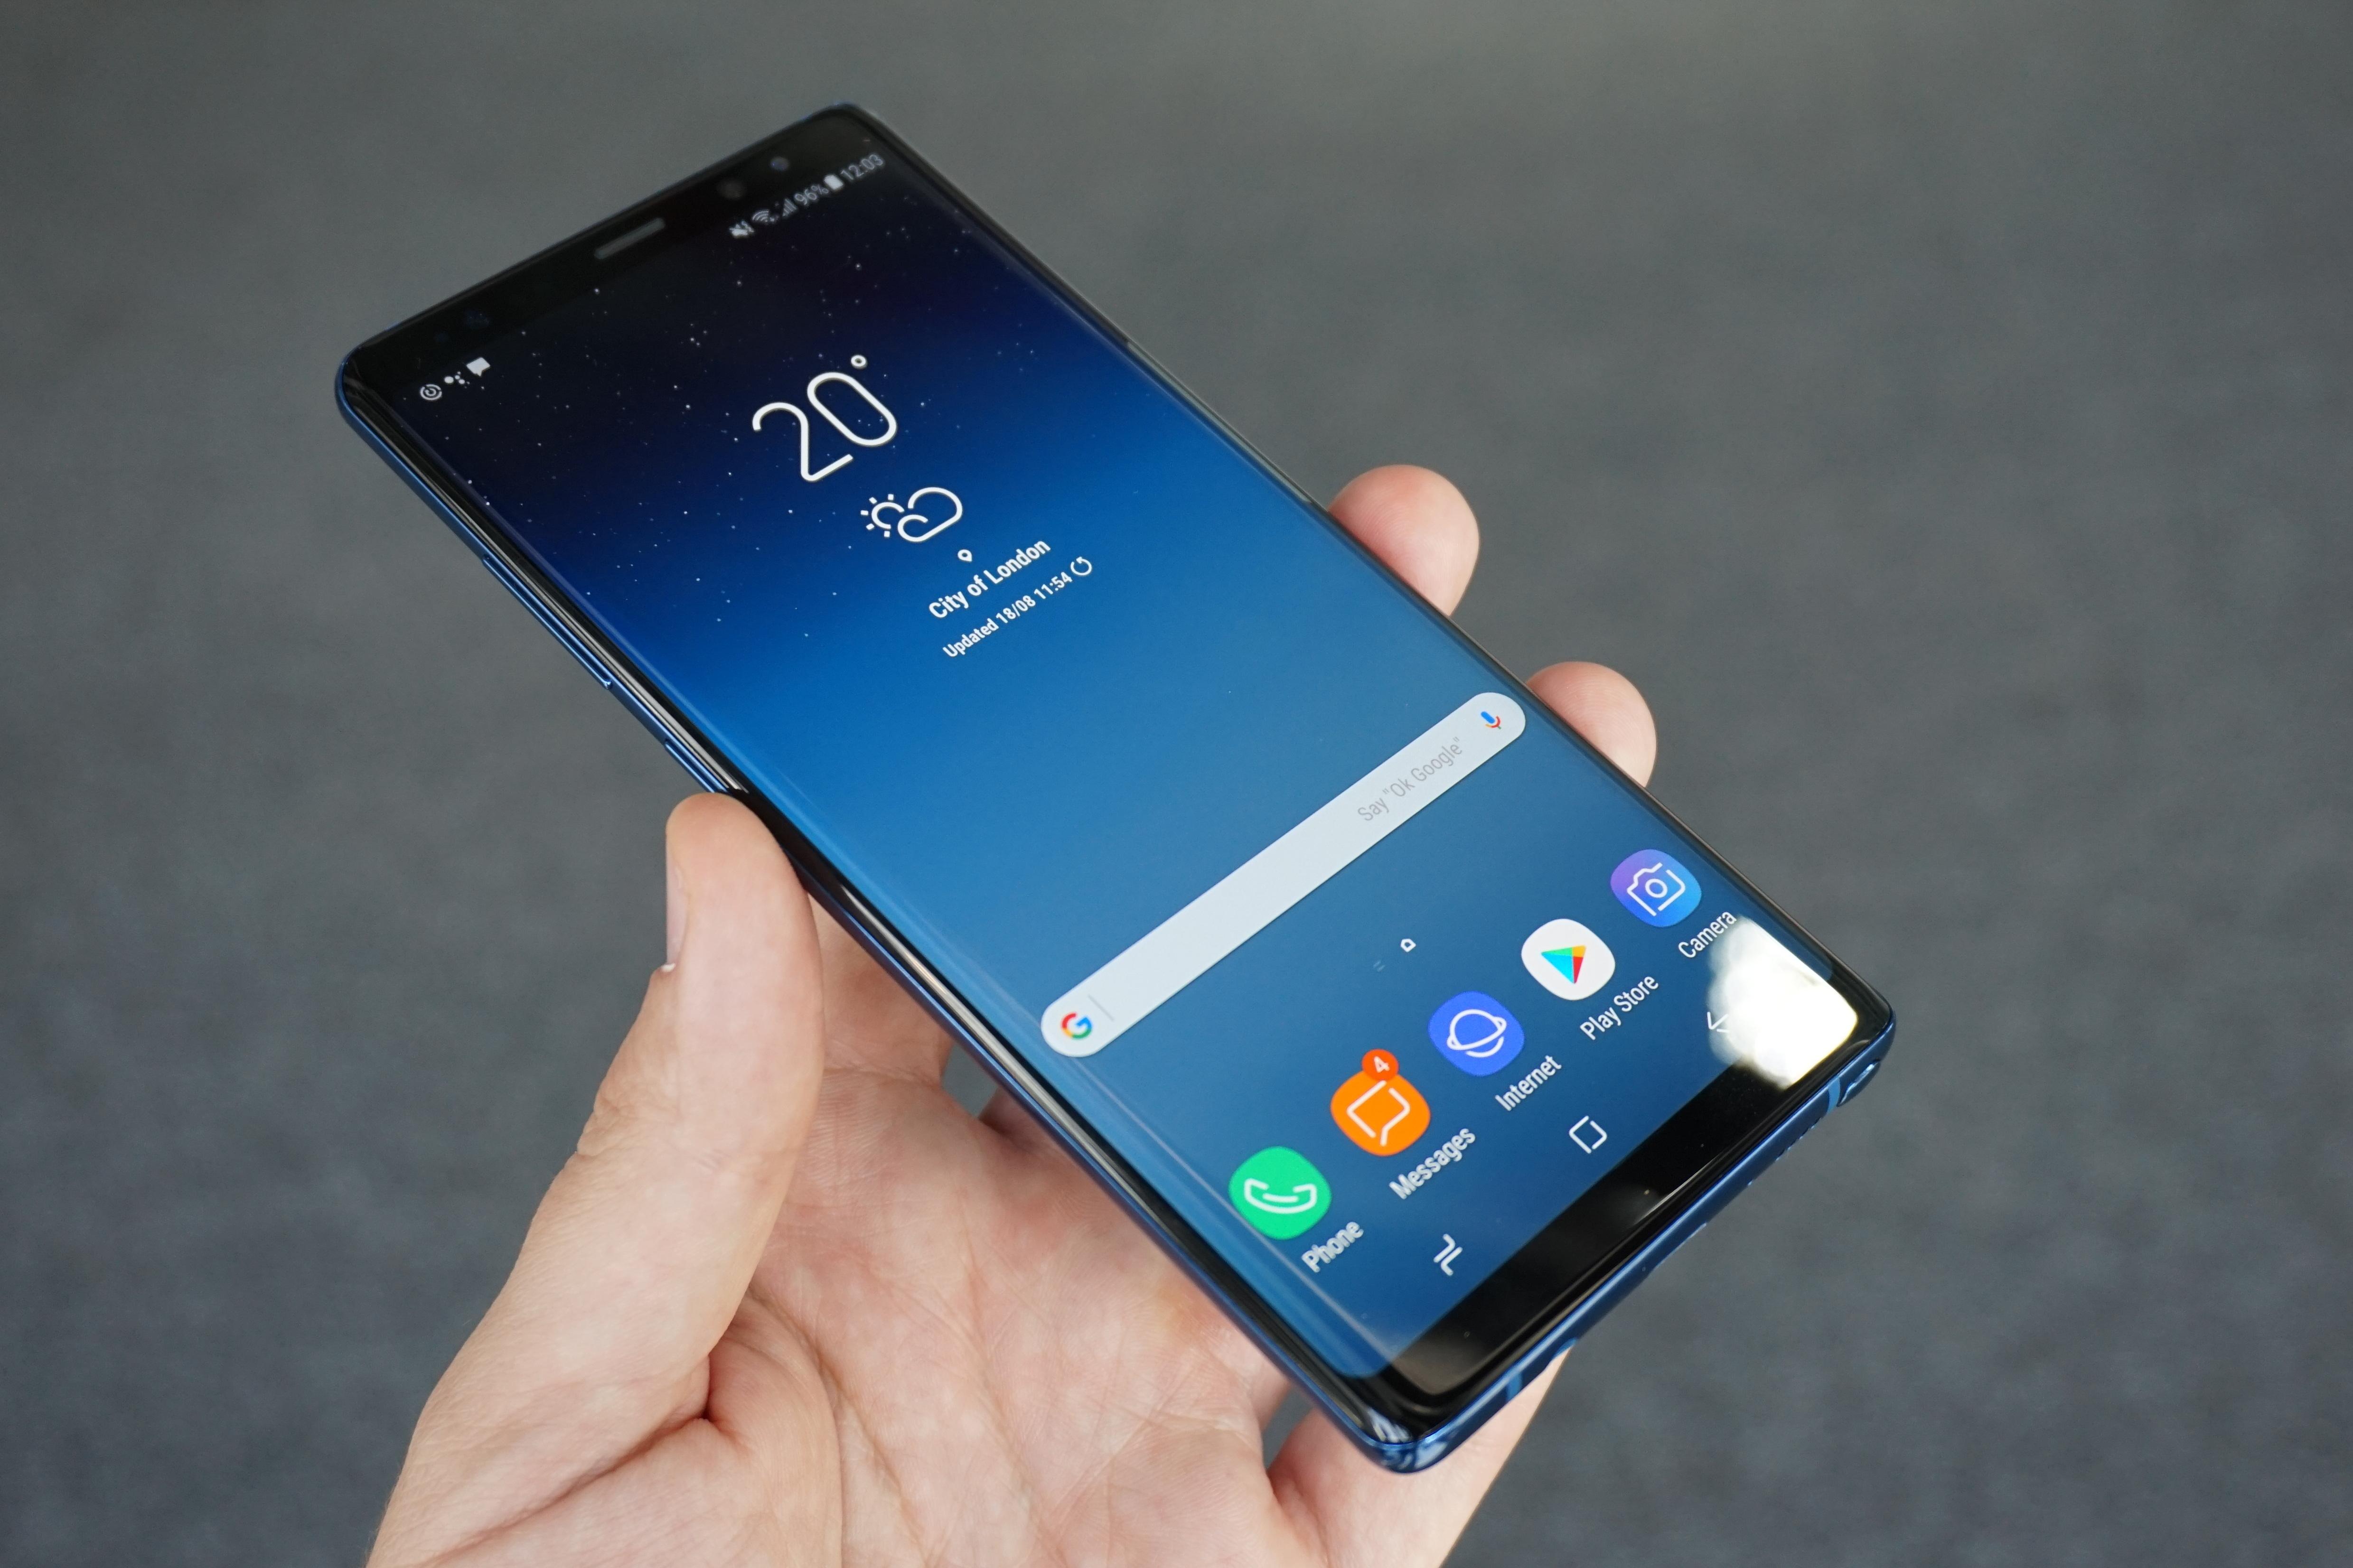 Fortnite Galaxy 9 Das Für Android Samsung Note Exklusiv